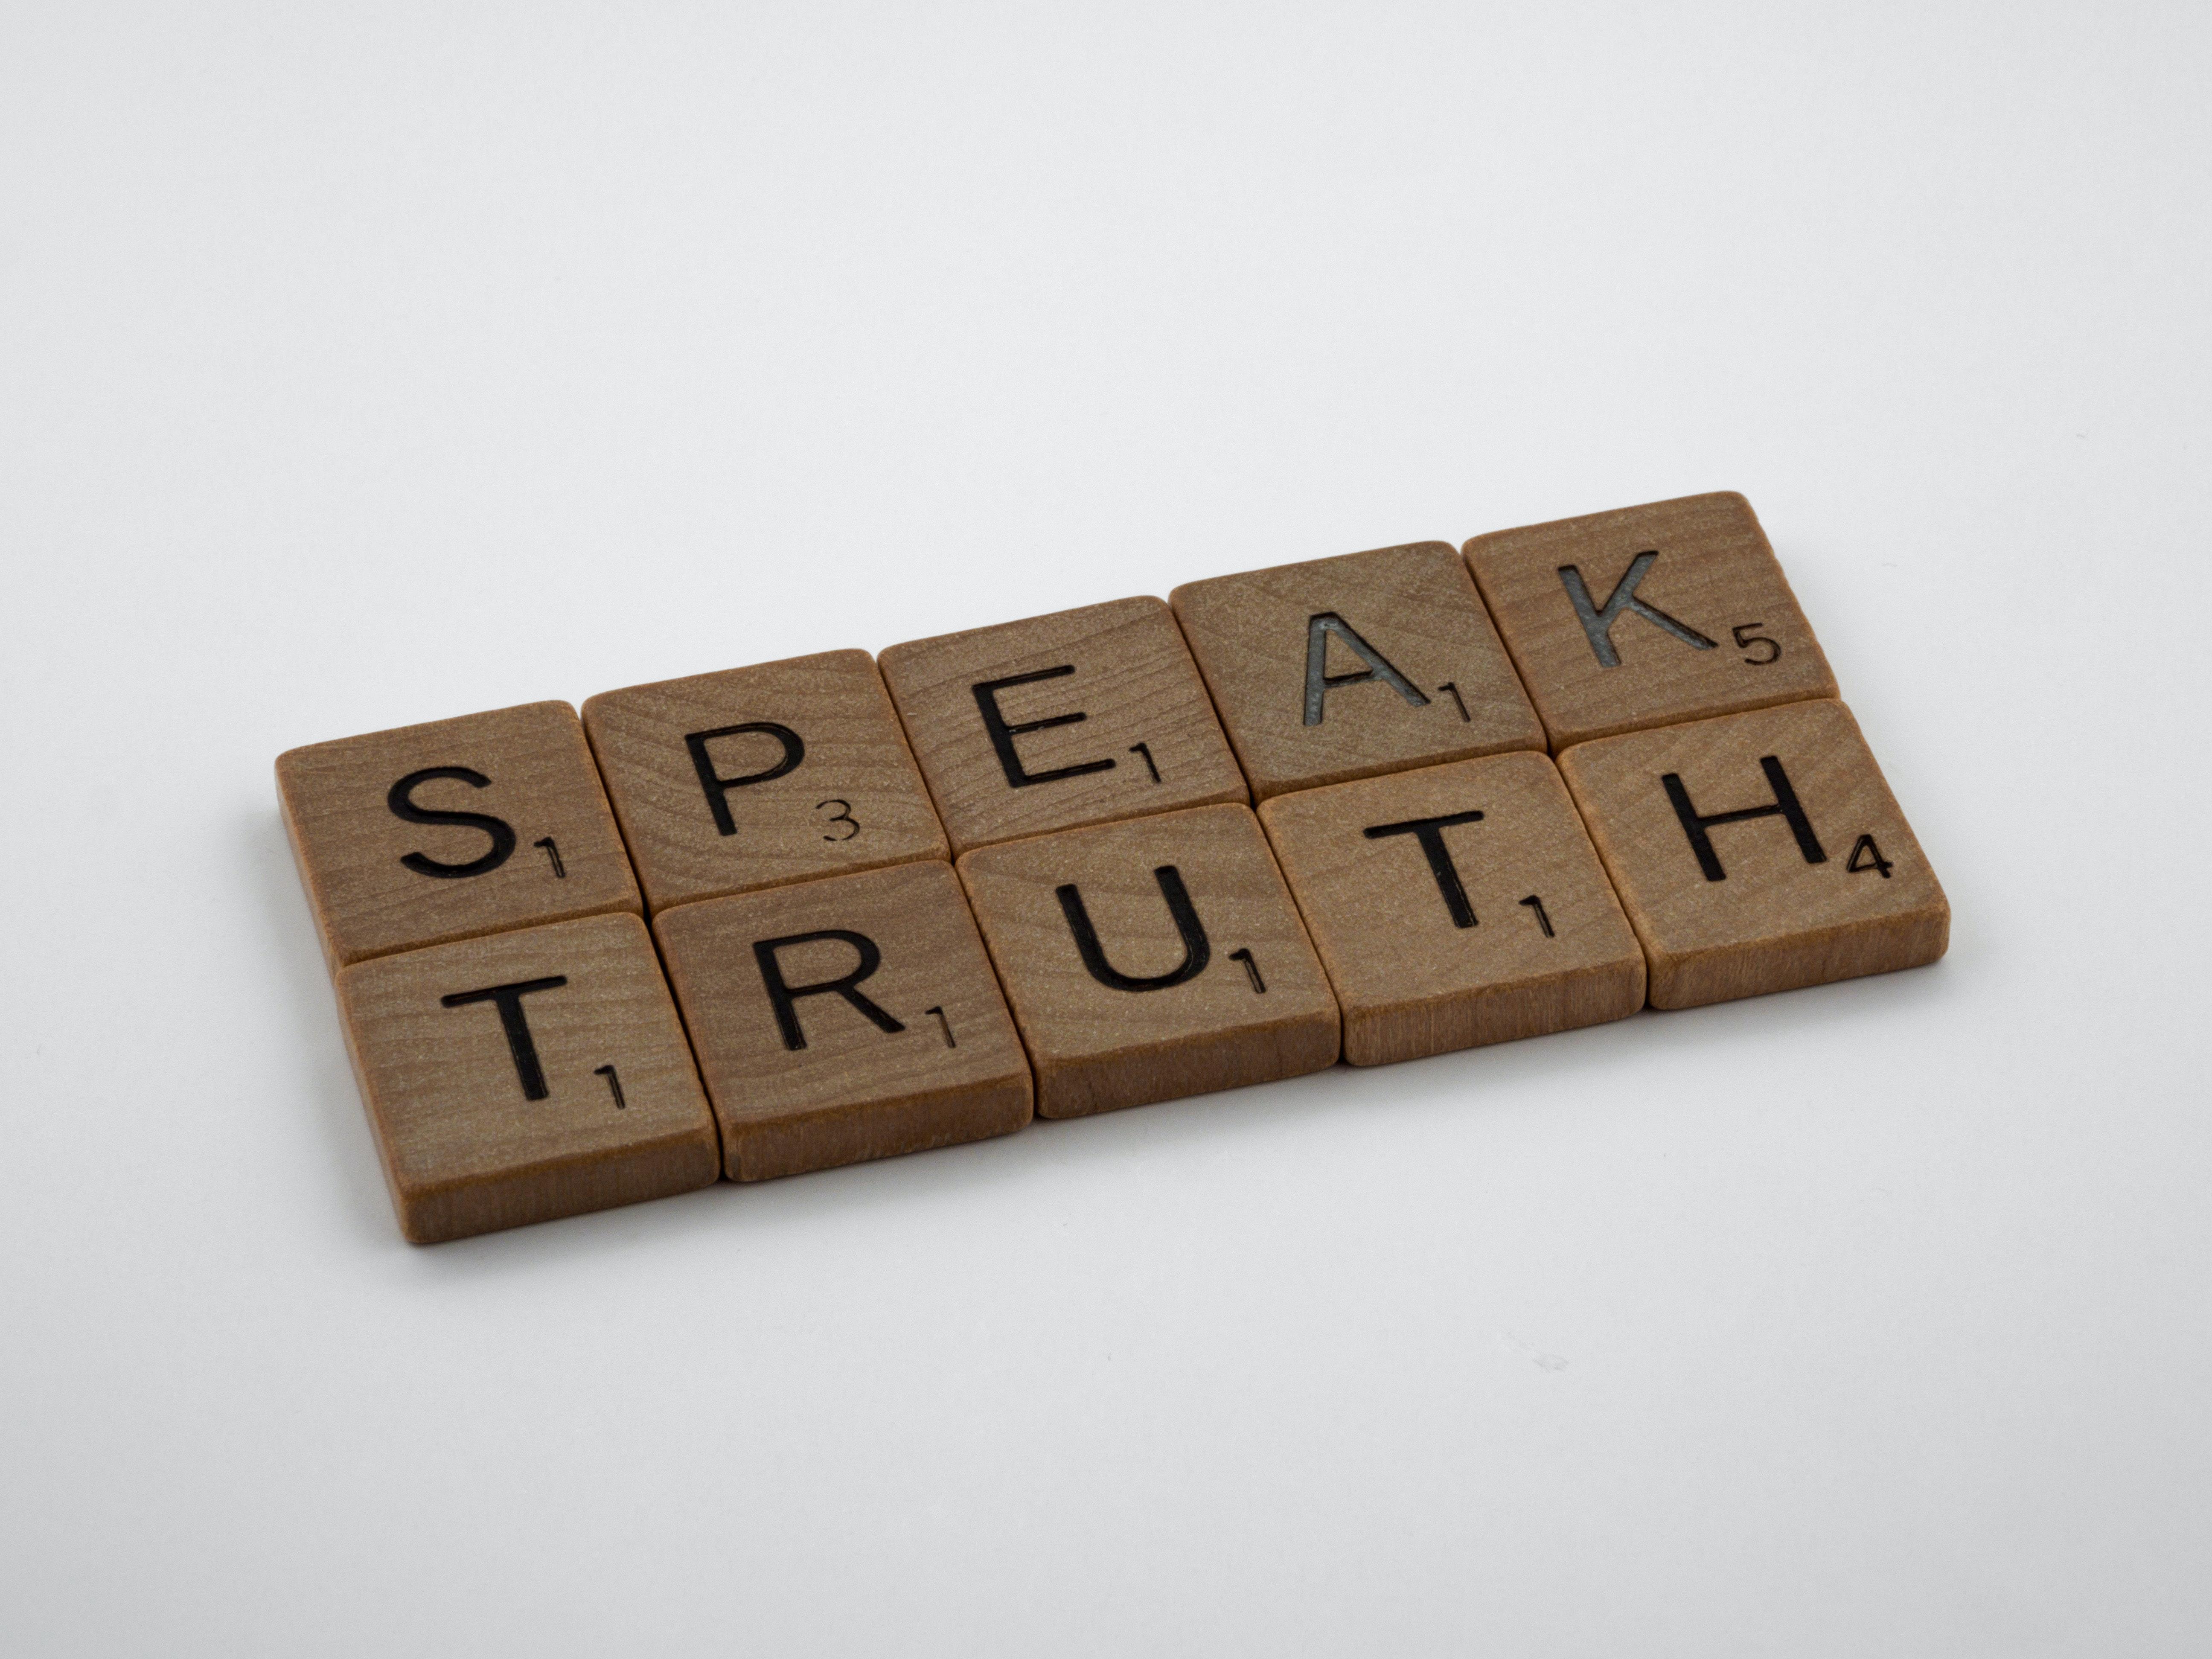 'Speak truth'